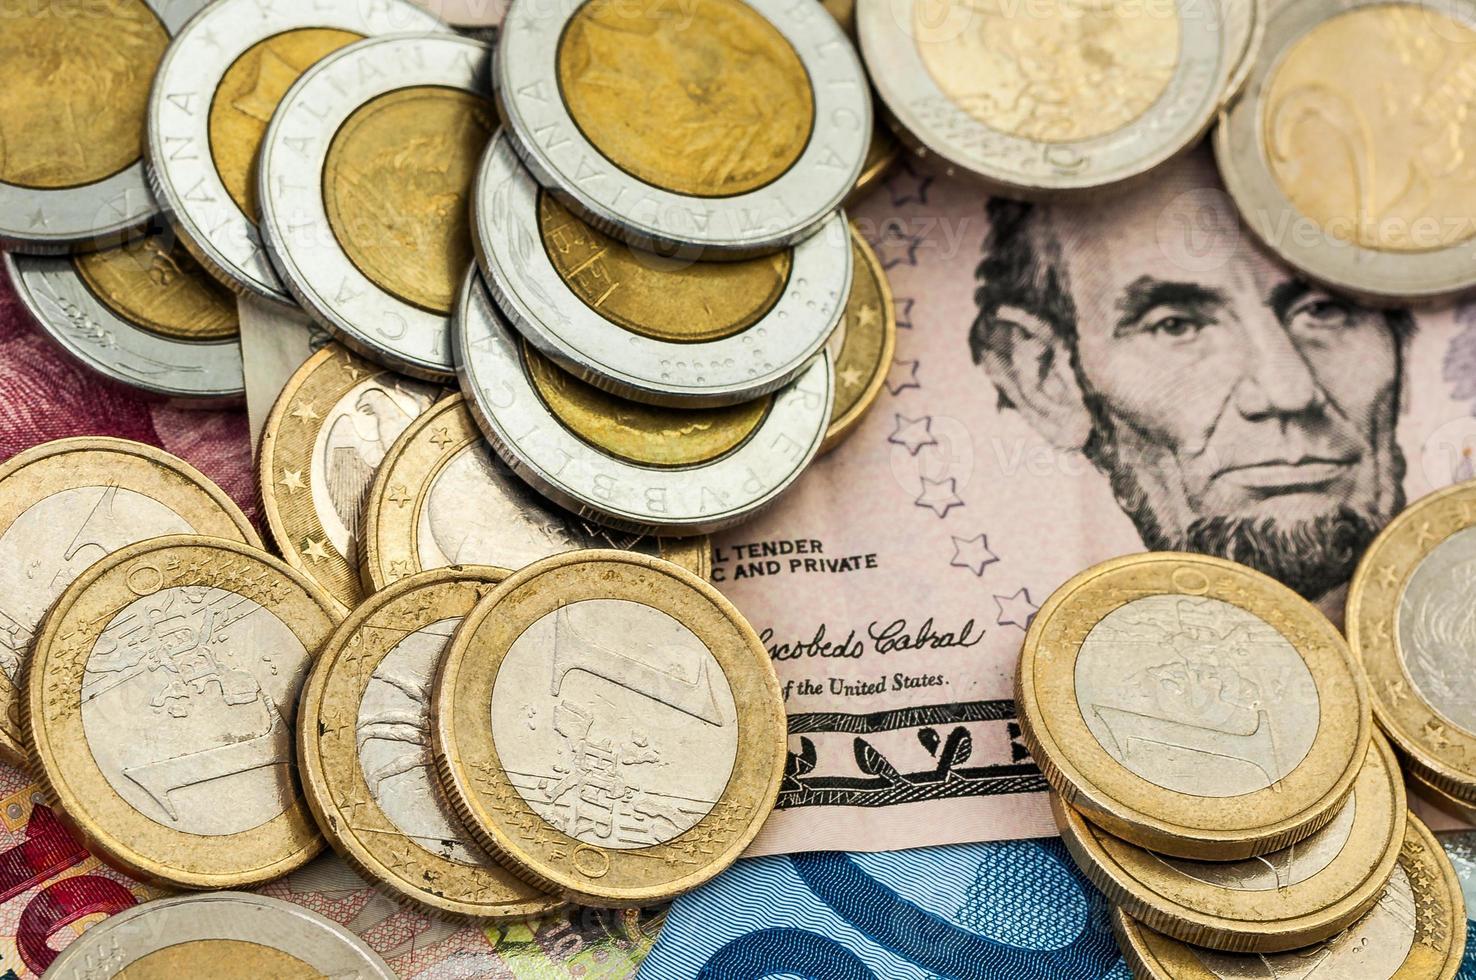 dinero euro billete de un dólar monedas foto